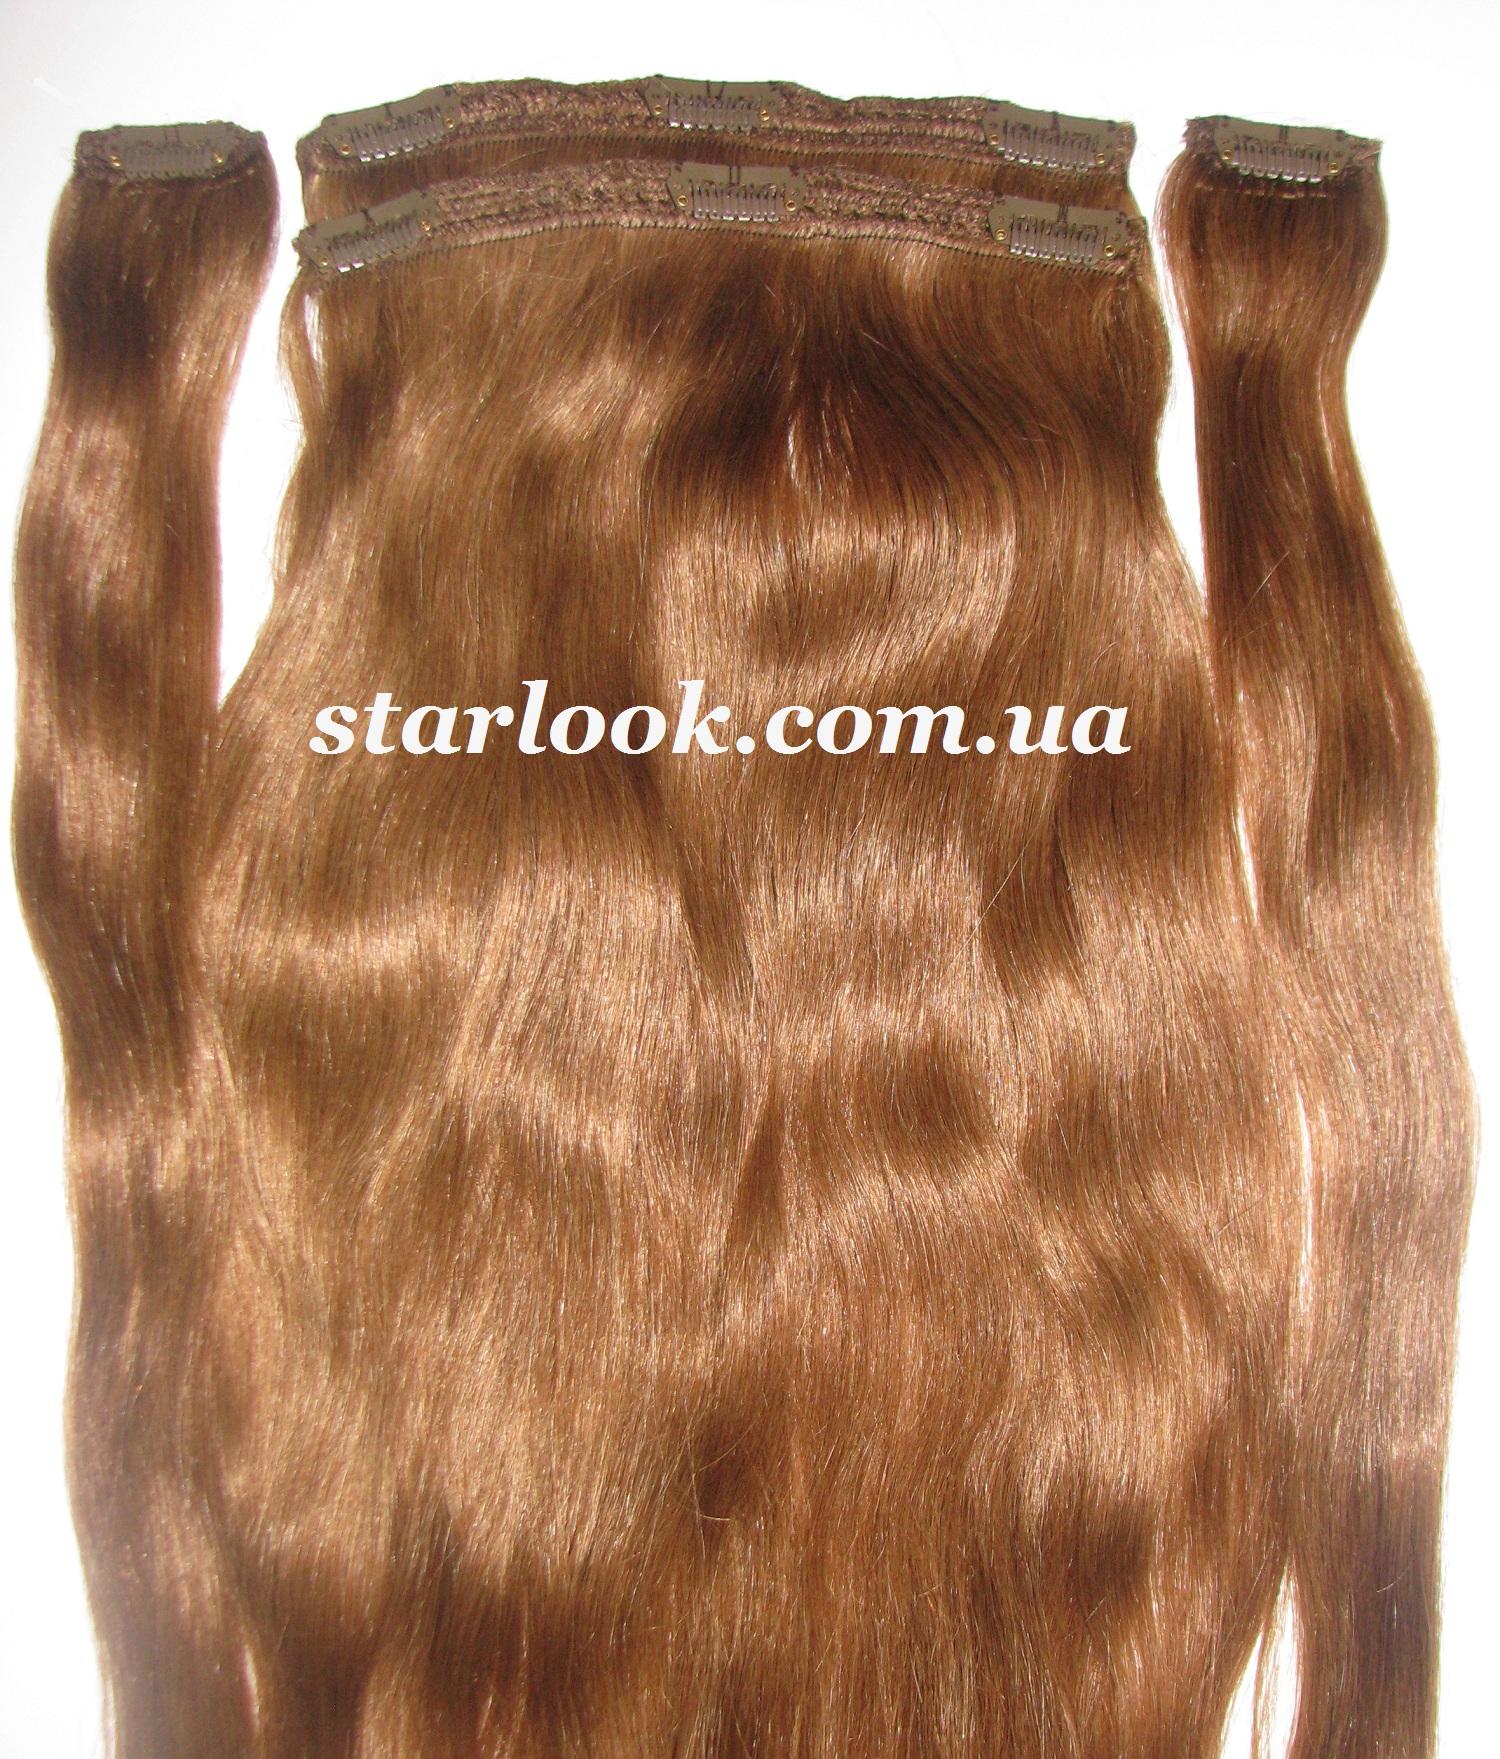 Набор натуральных славянских волос на клипсах 65 см. Оттенок №8а. Масса: 110 грамм.